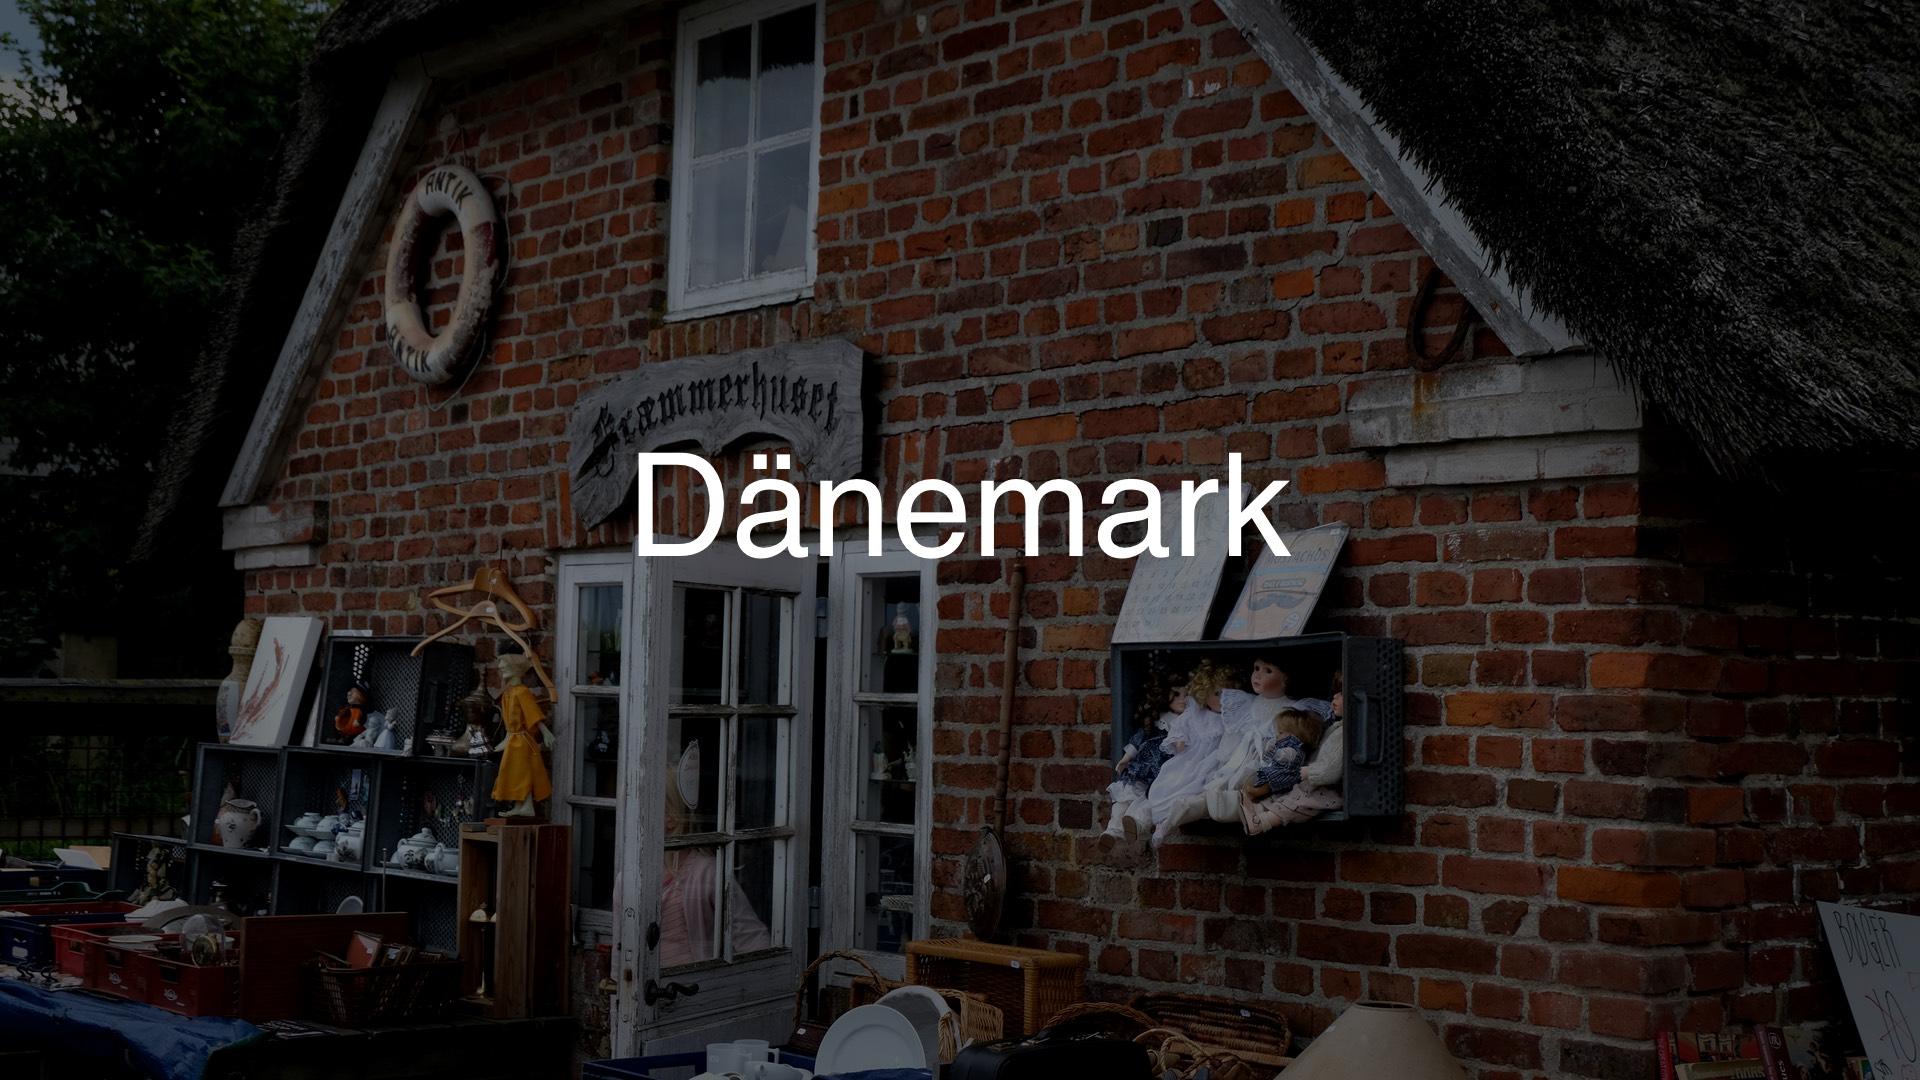 Dänemark Header 1920x1080